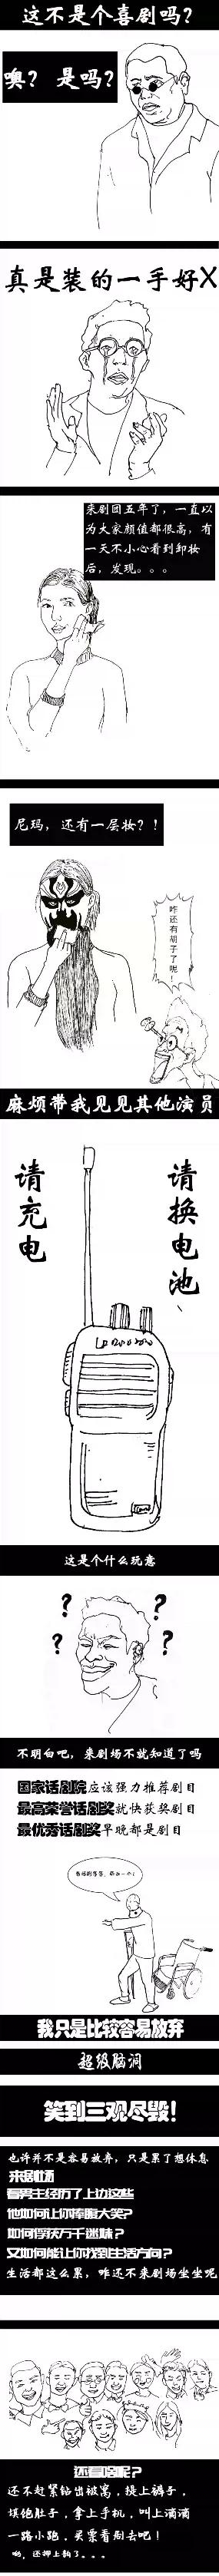 2021超级脑洞喜剧《我只是比较容易放弃》-天津站